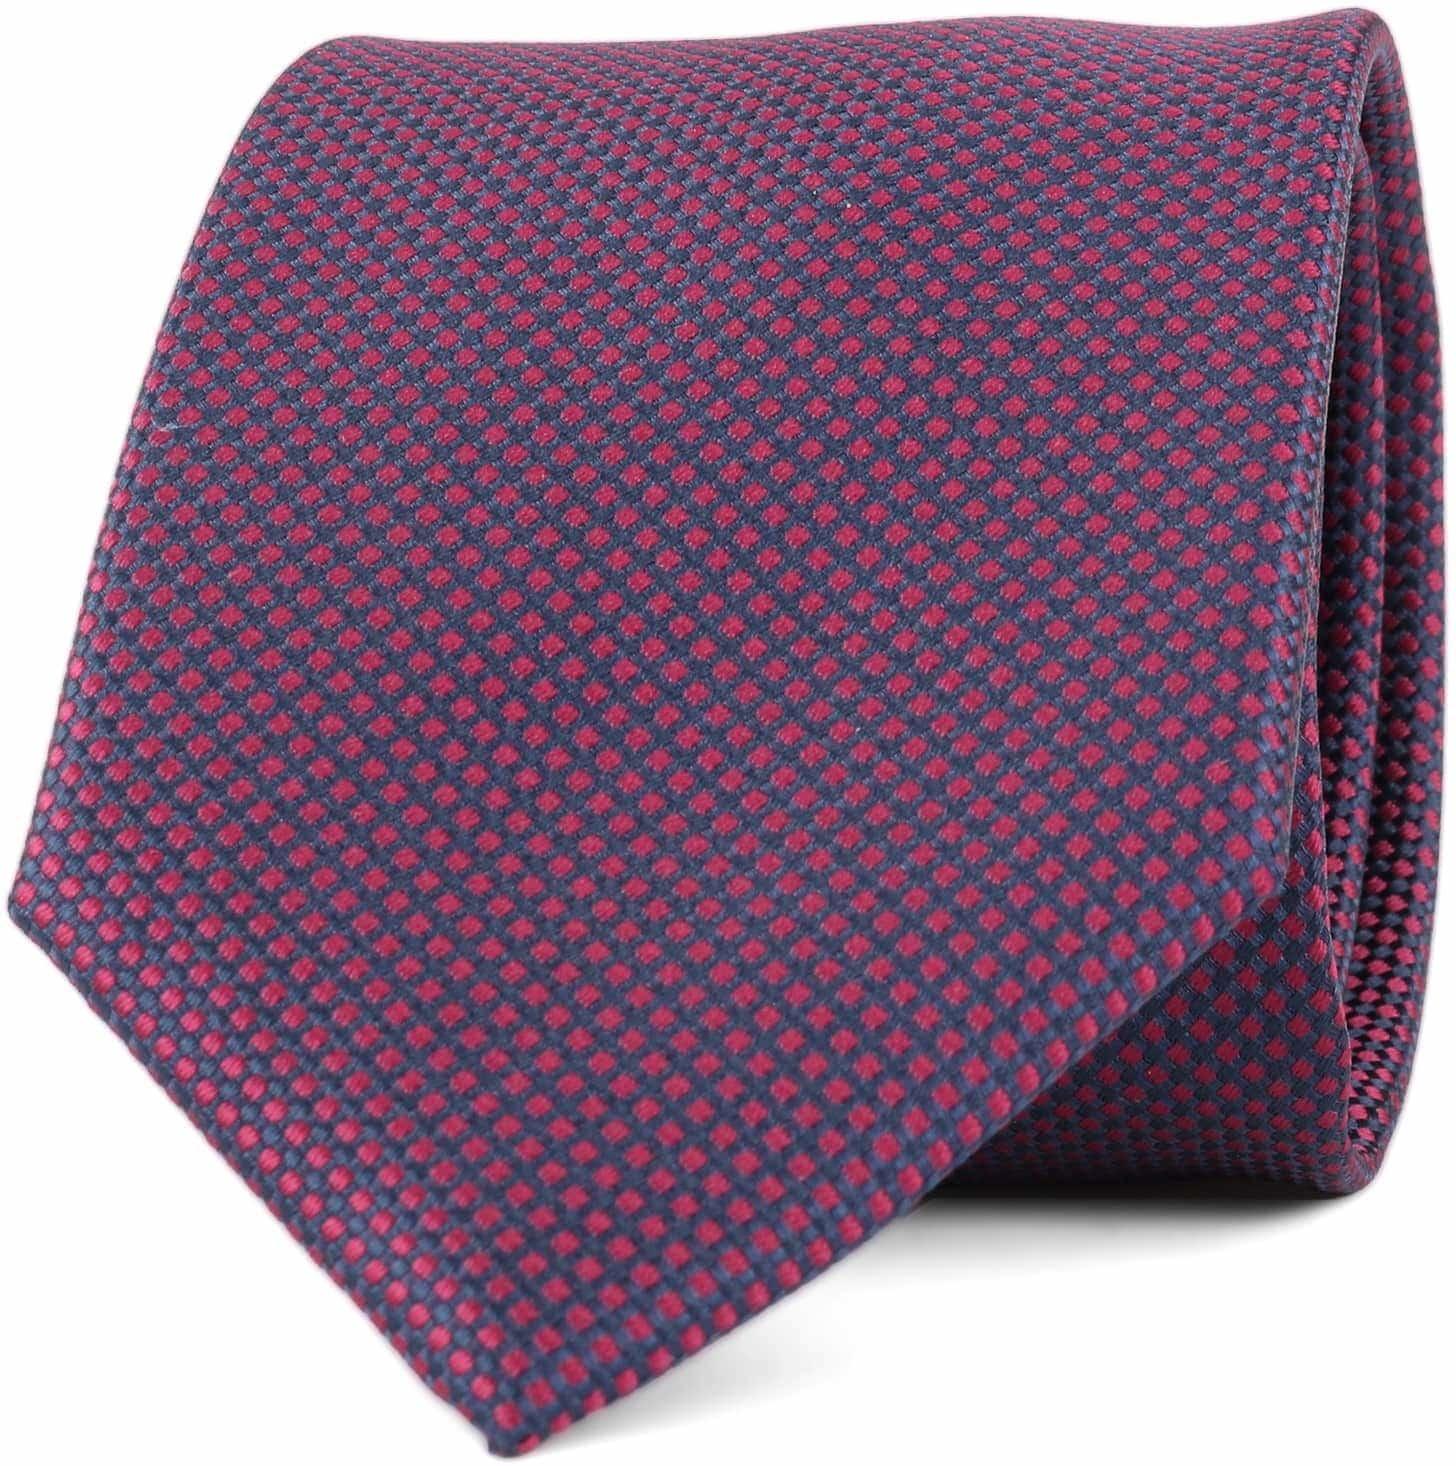 Krawatte Seide Karo Bordeaux 9-17 foto 0